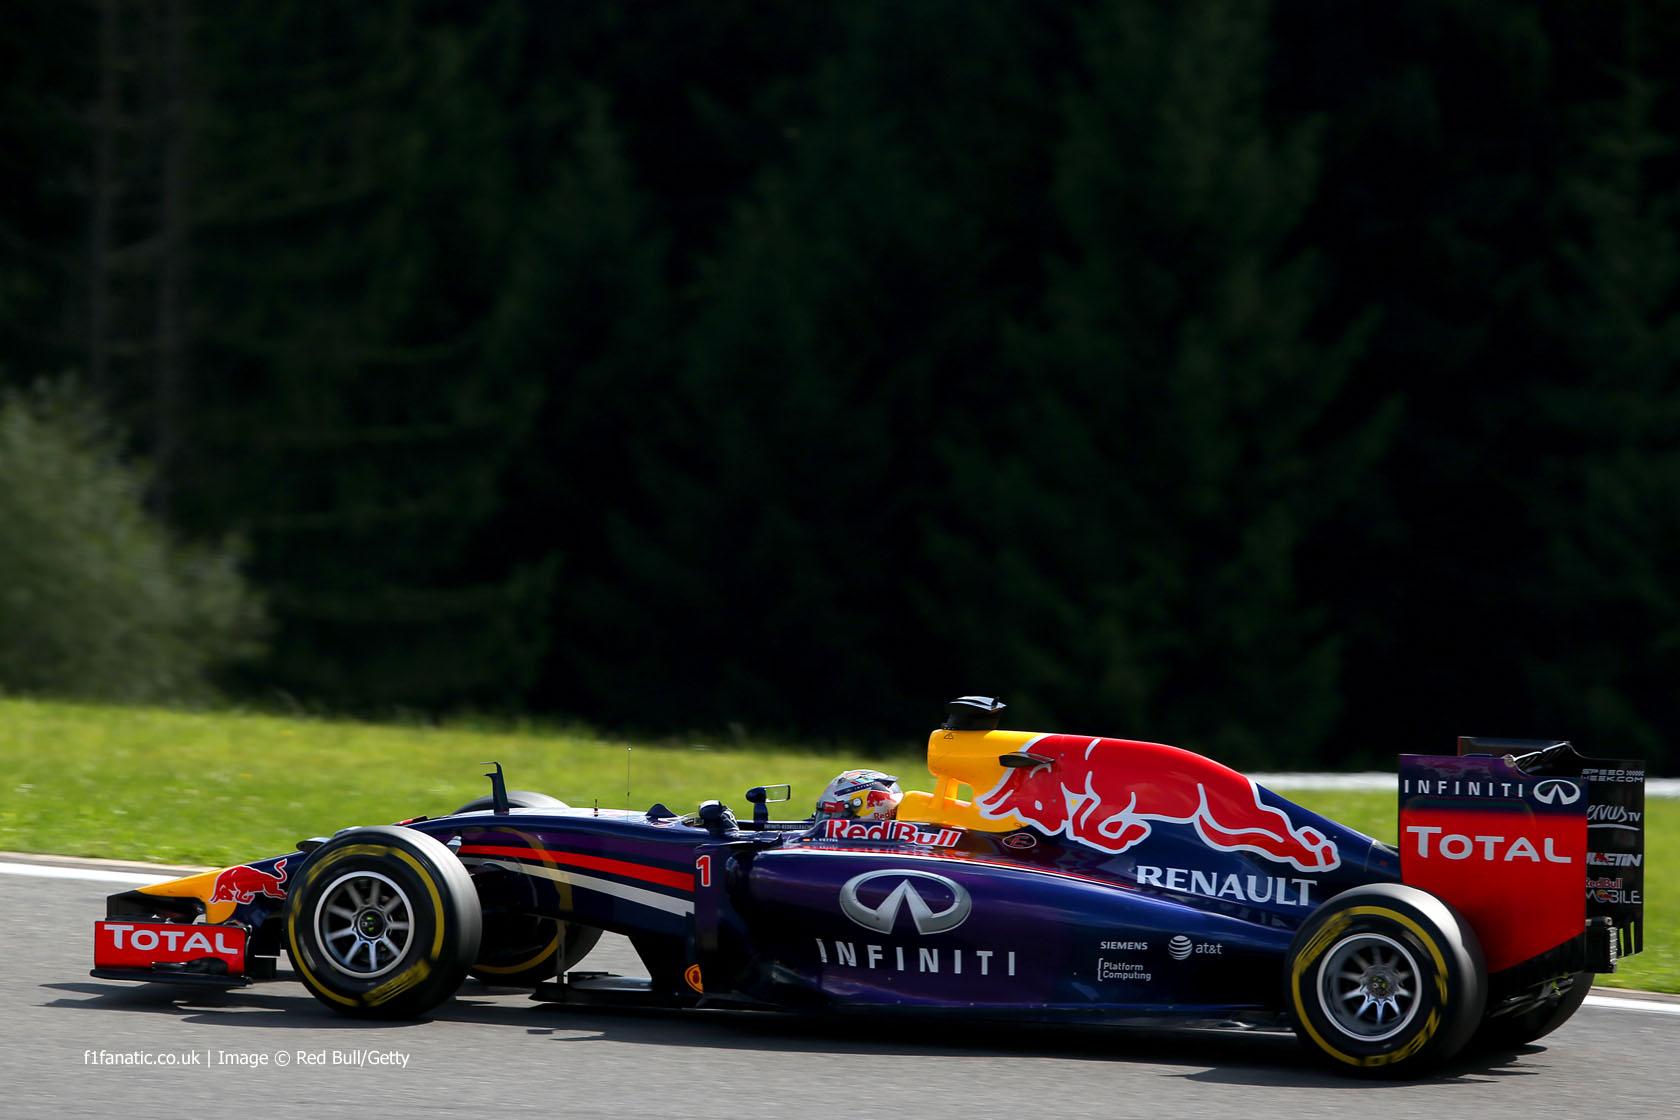 Sebastian Vettel, Red Bull, Spa-Francorchamps, 2014